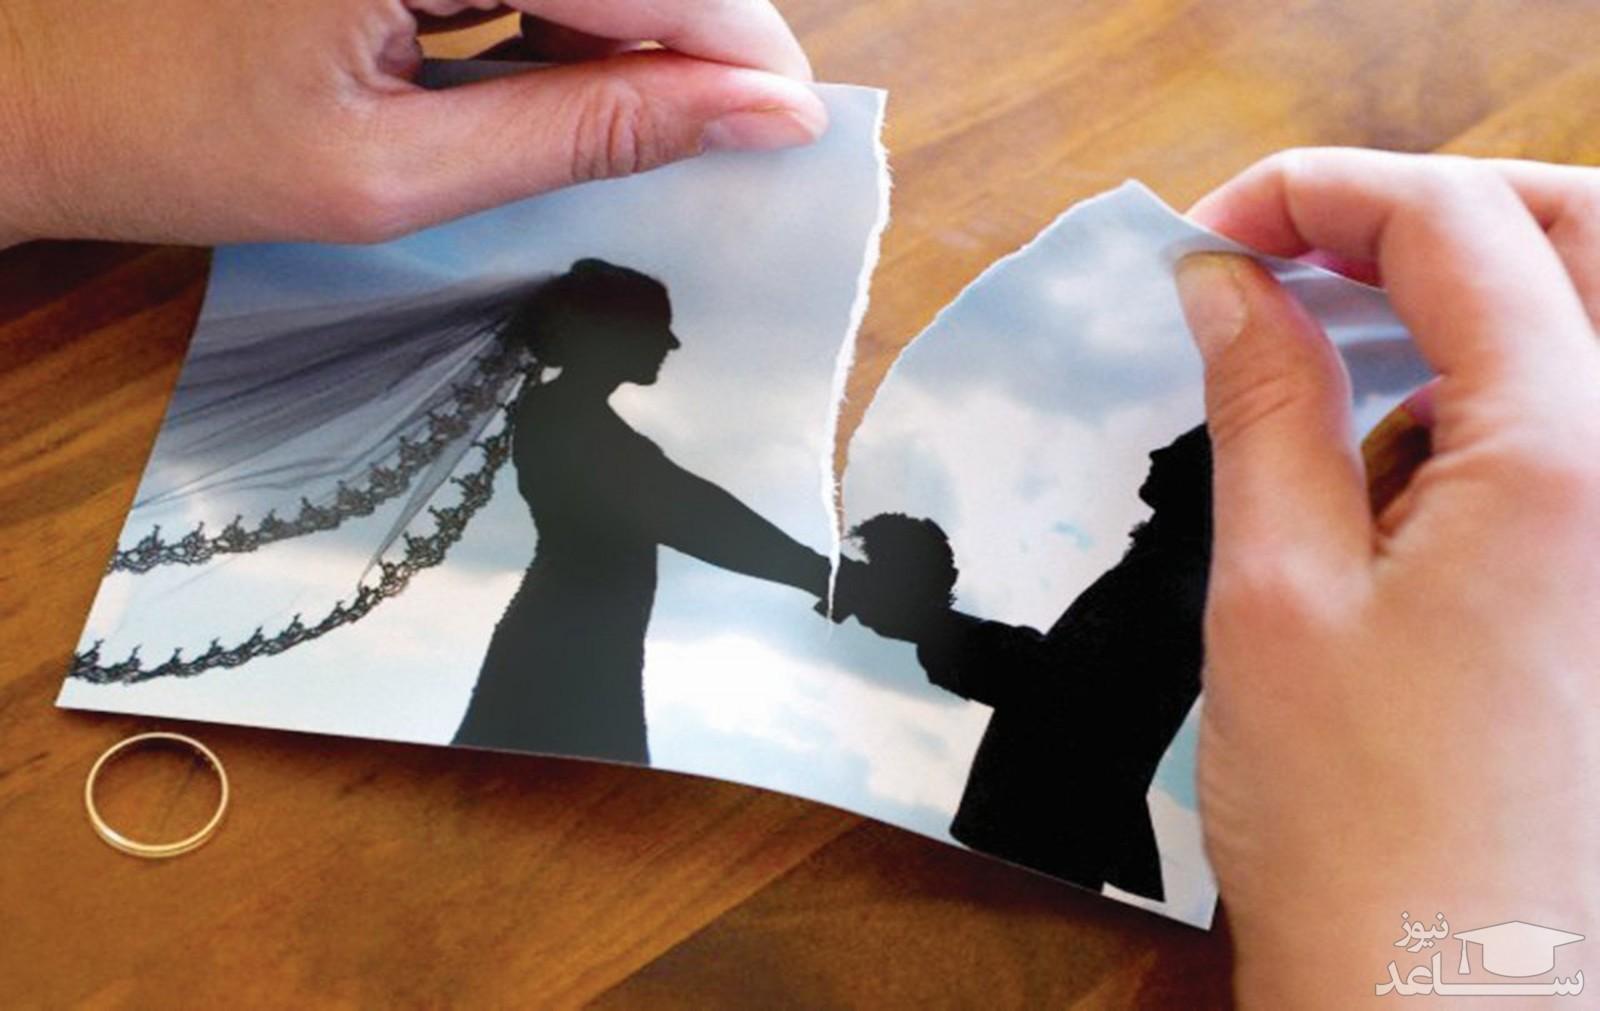 ۶ نشانه که میگویند فاصله بین شما و شریک زندگیتان روزبهروز بیشتر میشود